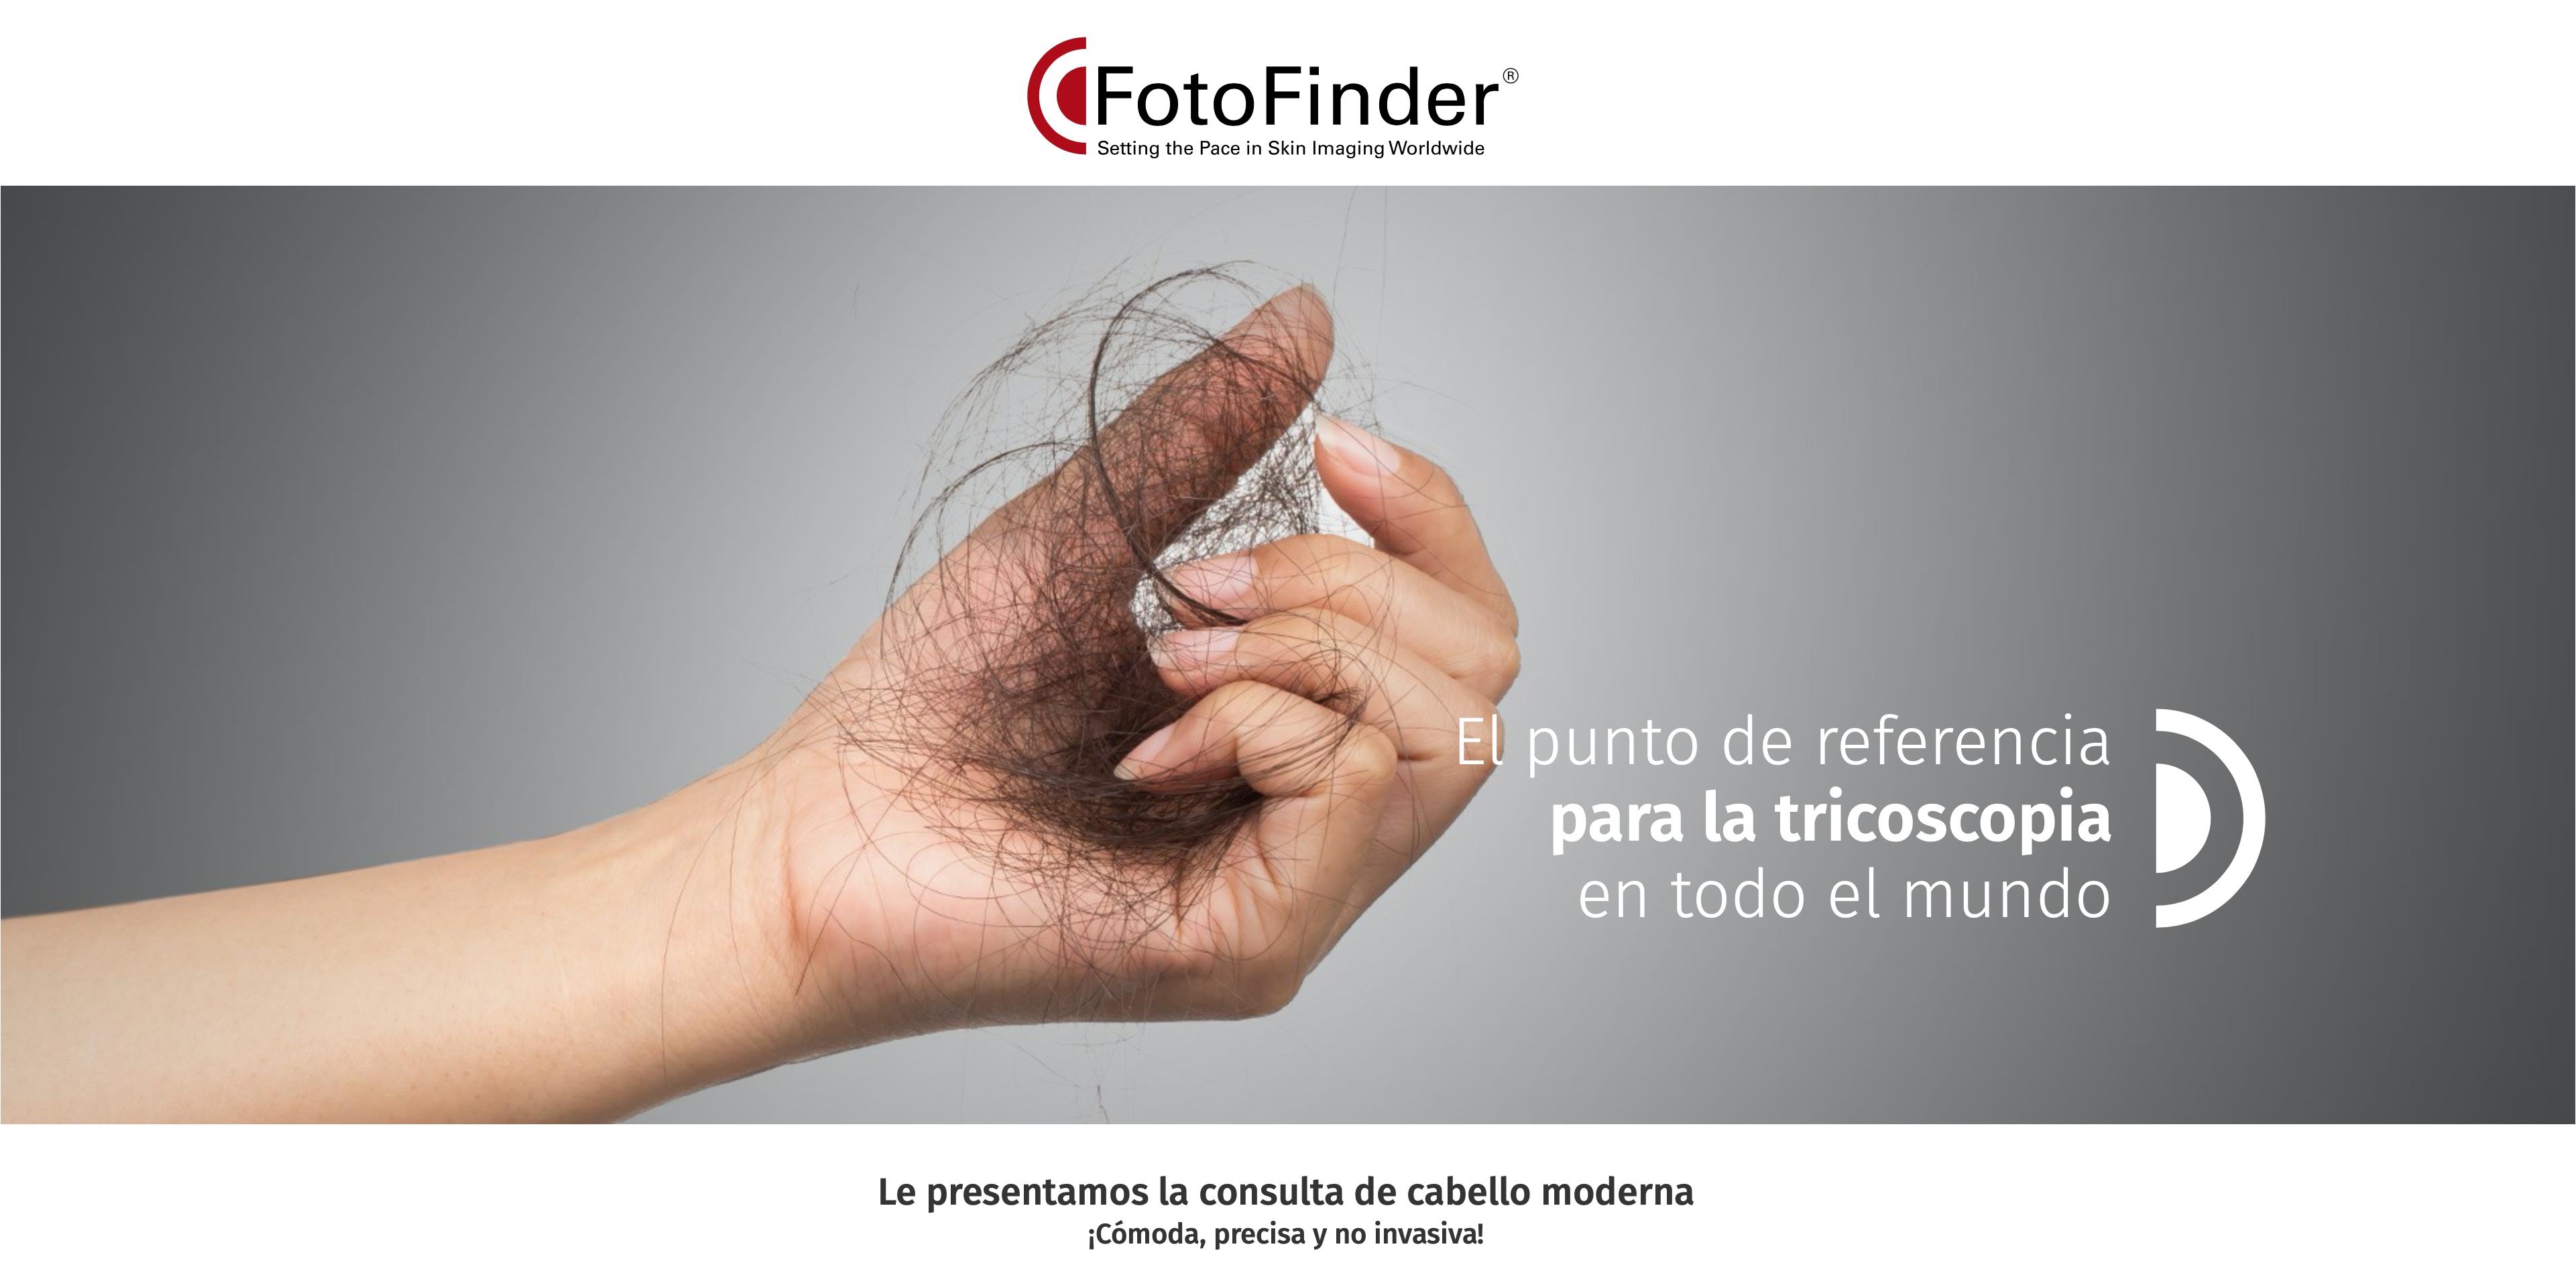 FotoFinder para análisis capilar